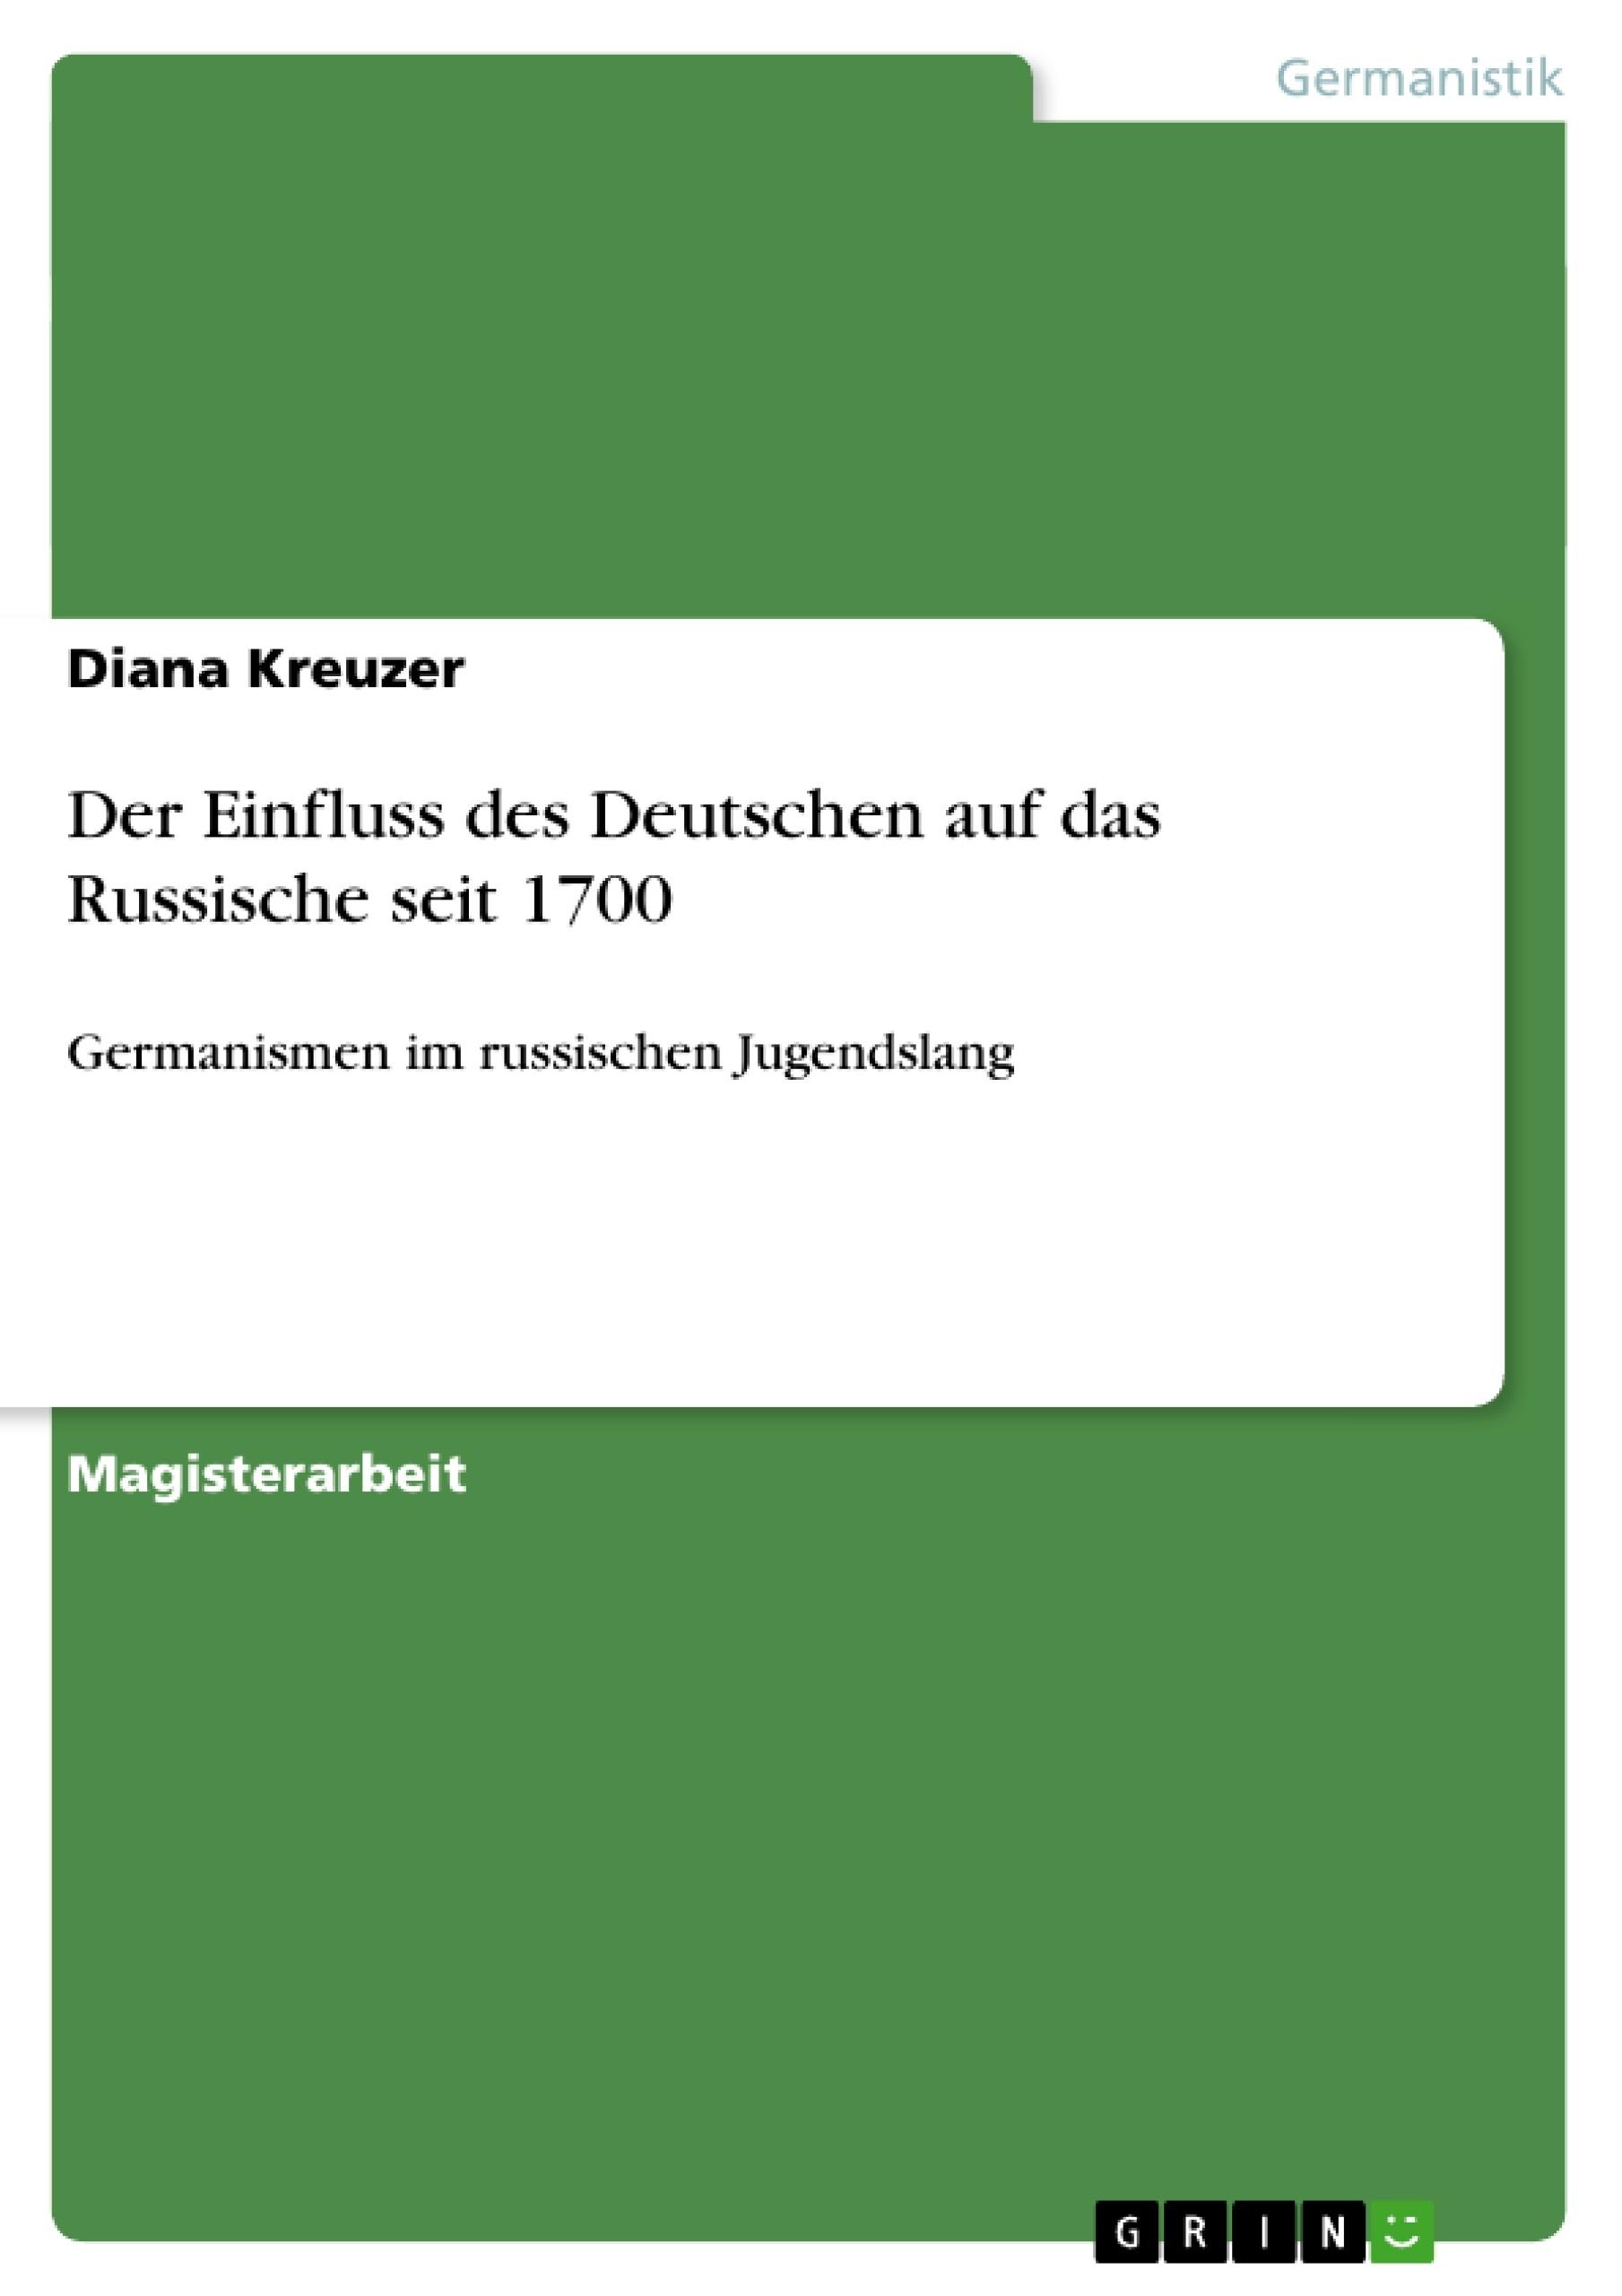 Titel: Der Einfluss des Deutschen auf das Russische seit 1700